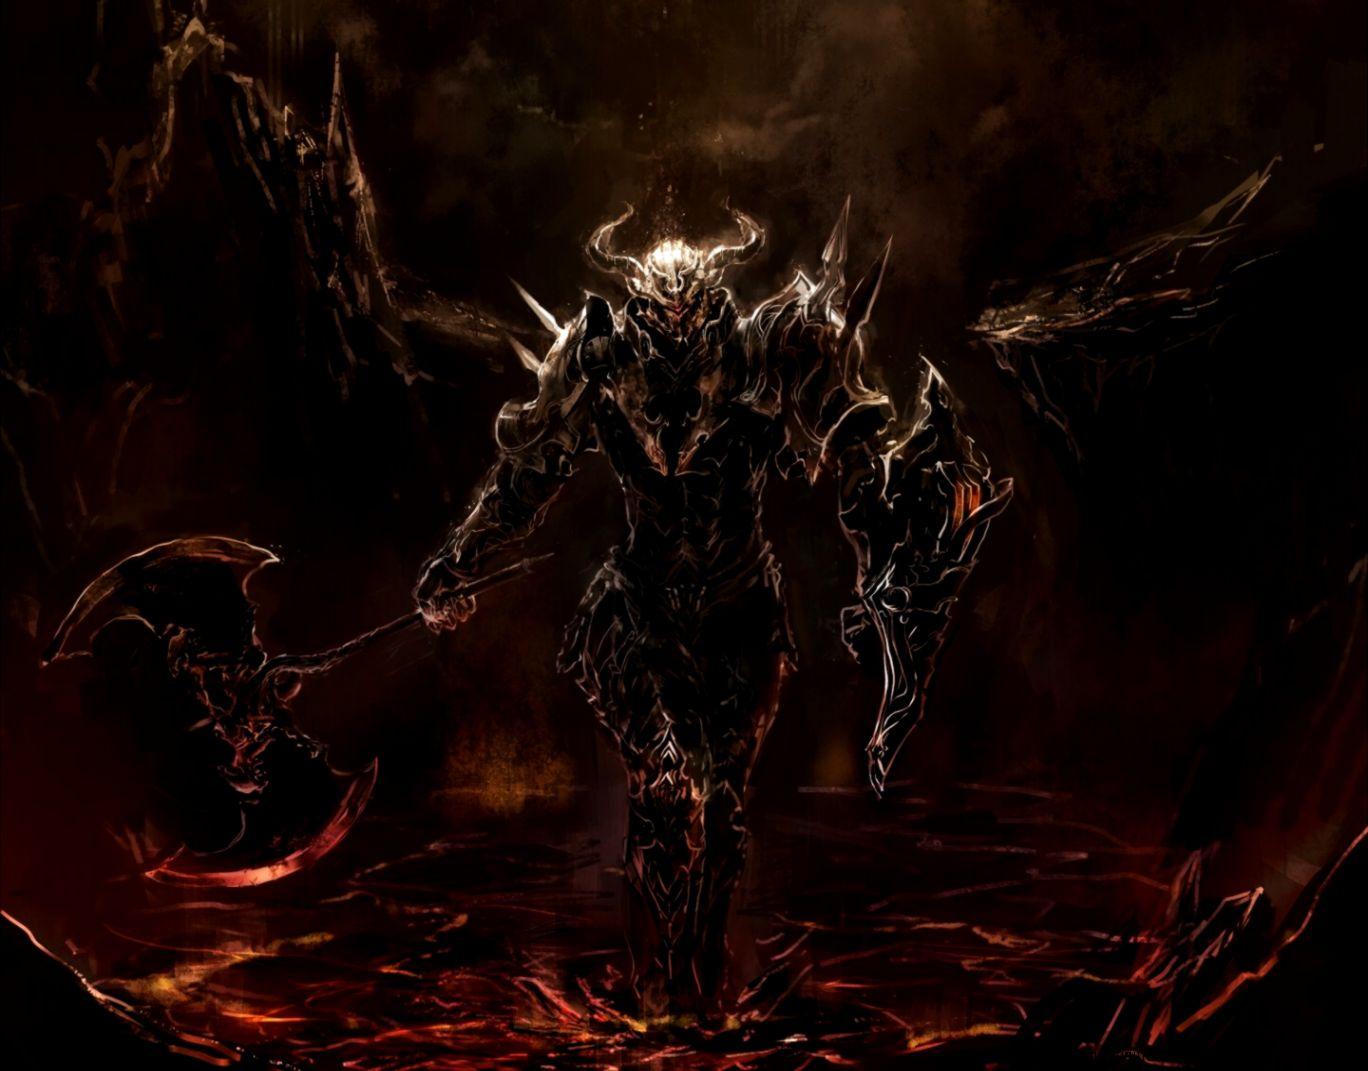 Dreamy Fantasy Lion King Warrior Axes Armor Artwork ...